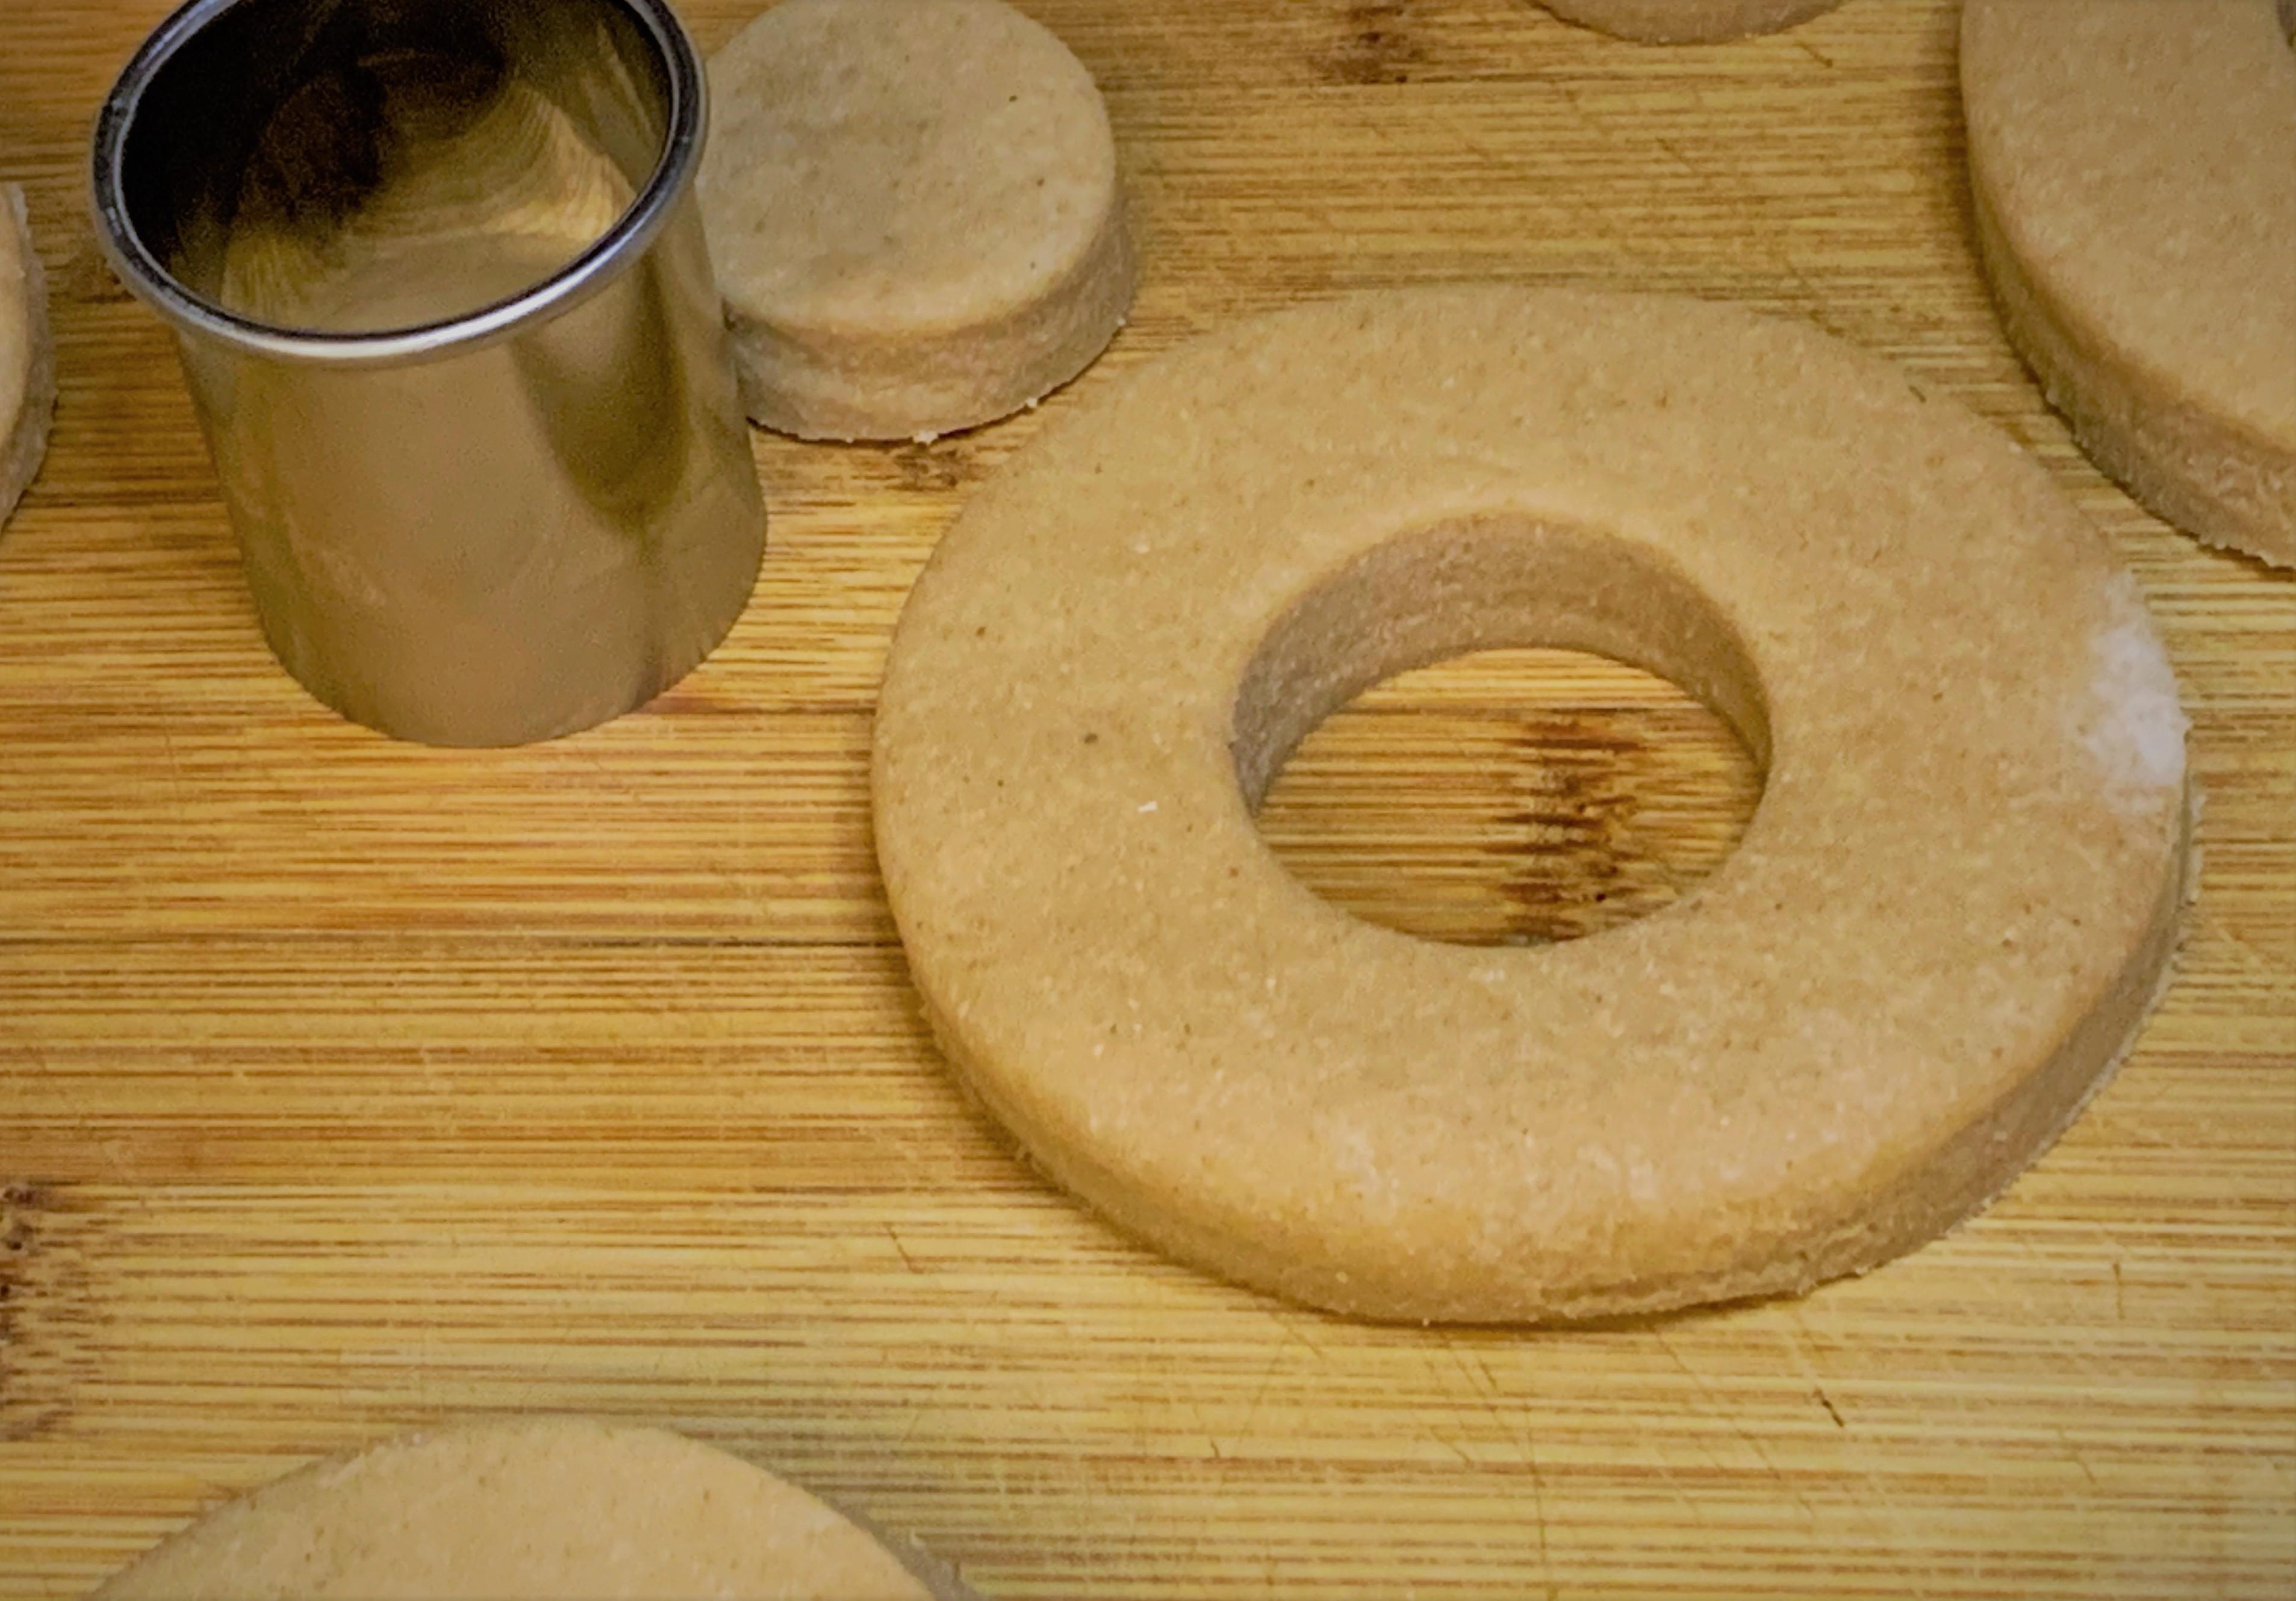 Our cut doughnuts